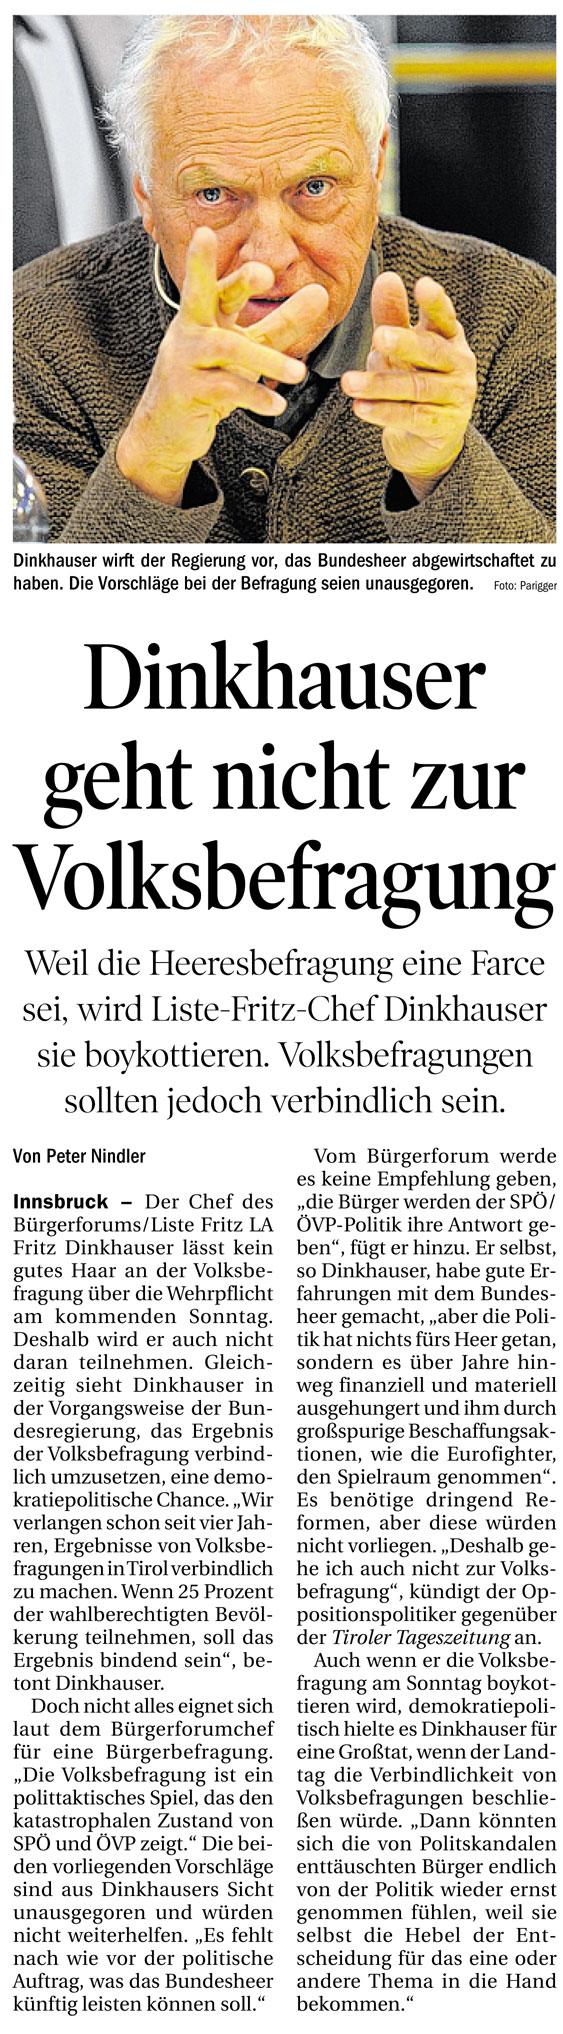 Bericht in der Tiroler Tageszeitung über die Volkbefragung